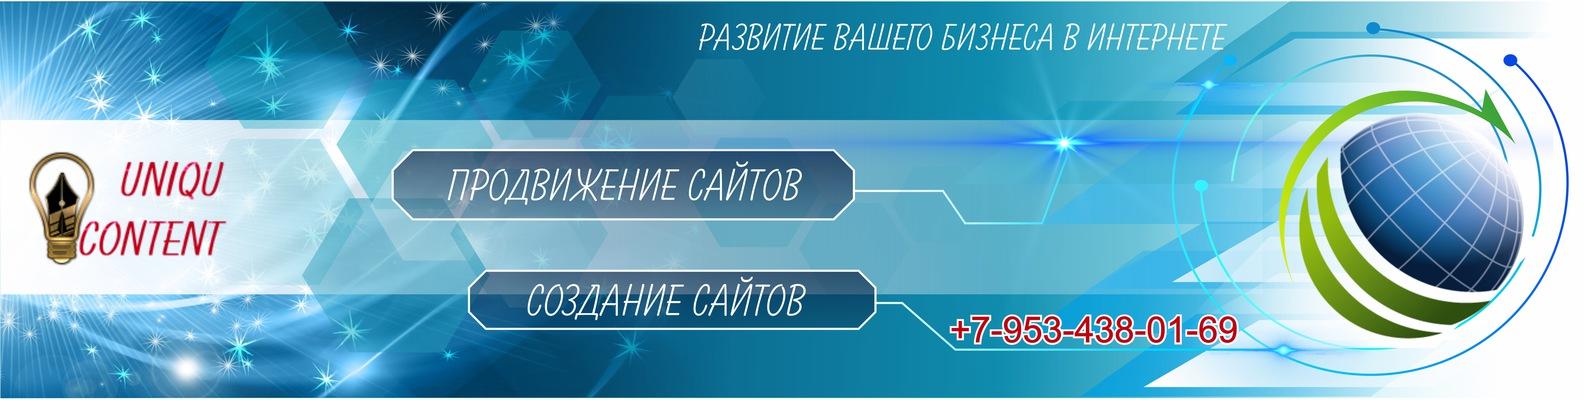 Создание и продвижение сайтов - ВКонтакте